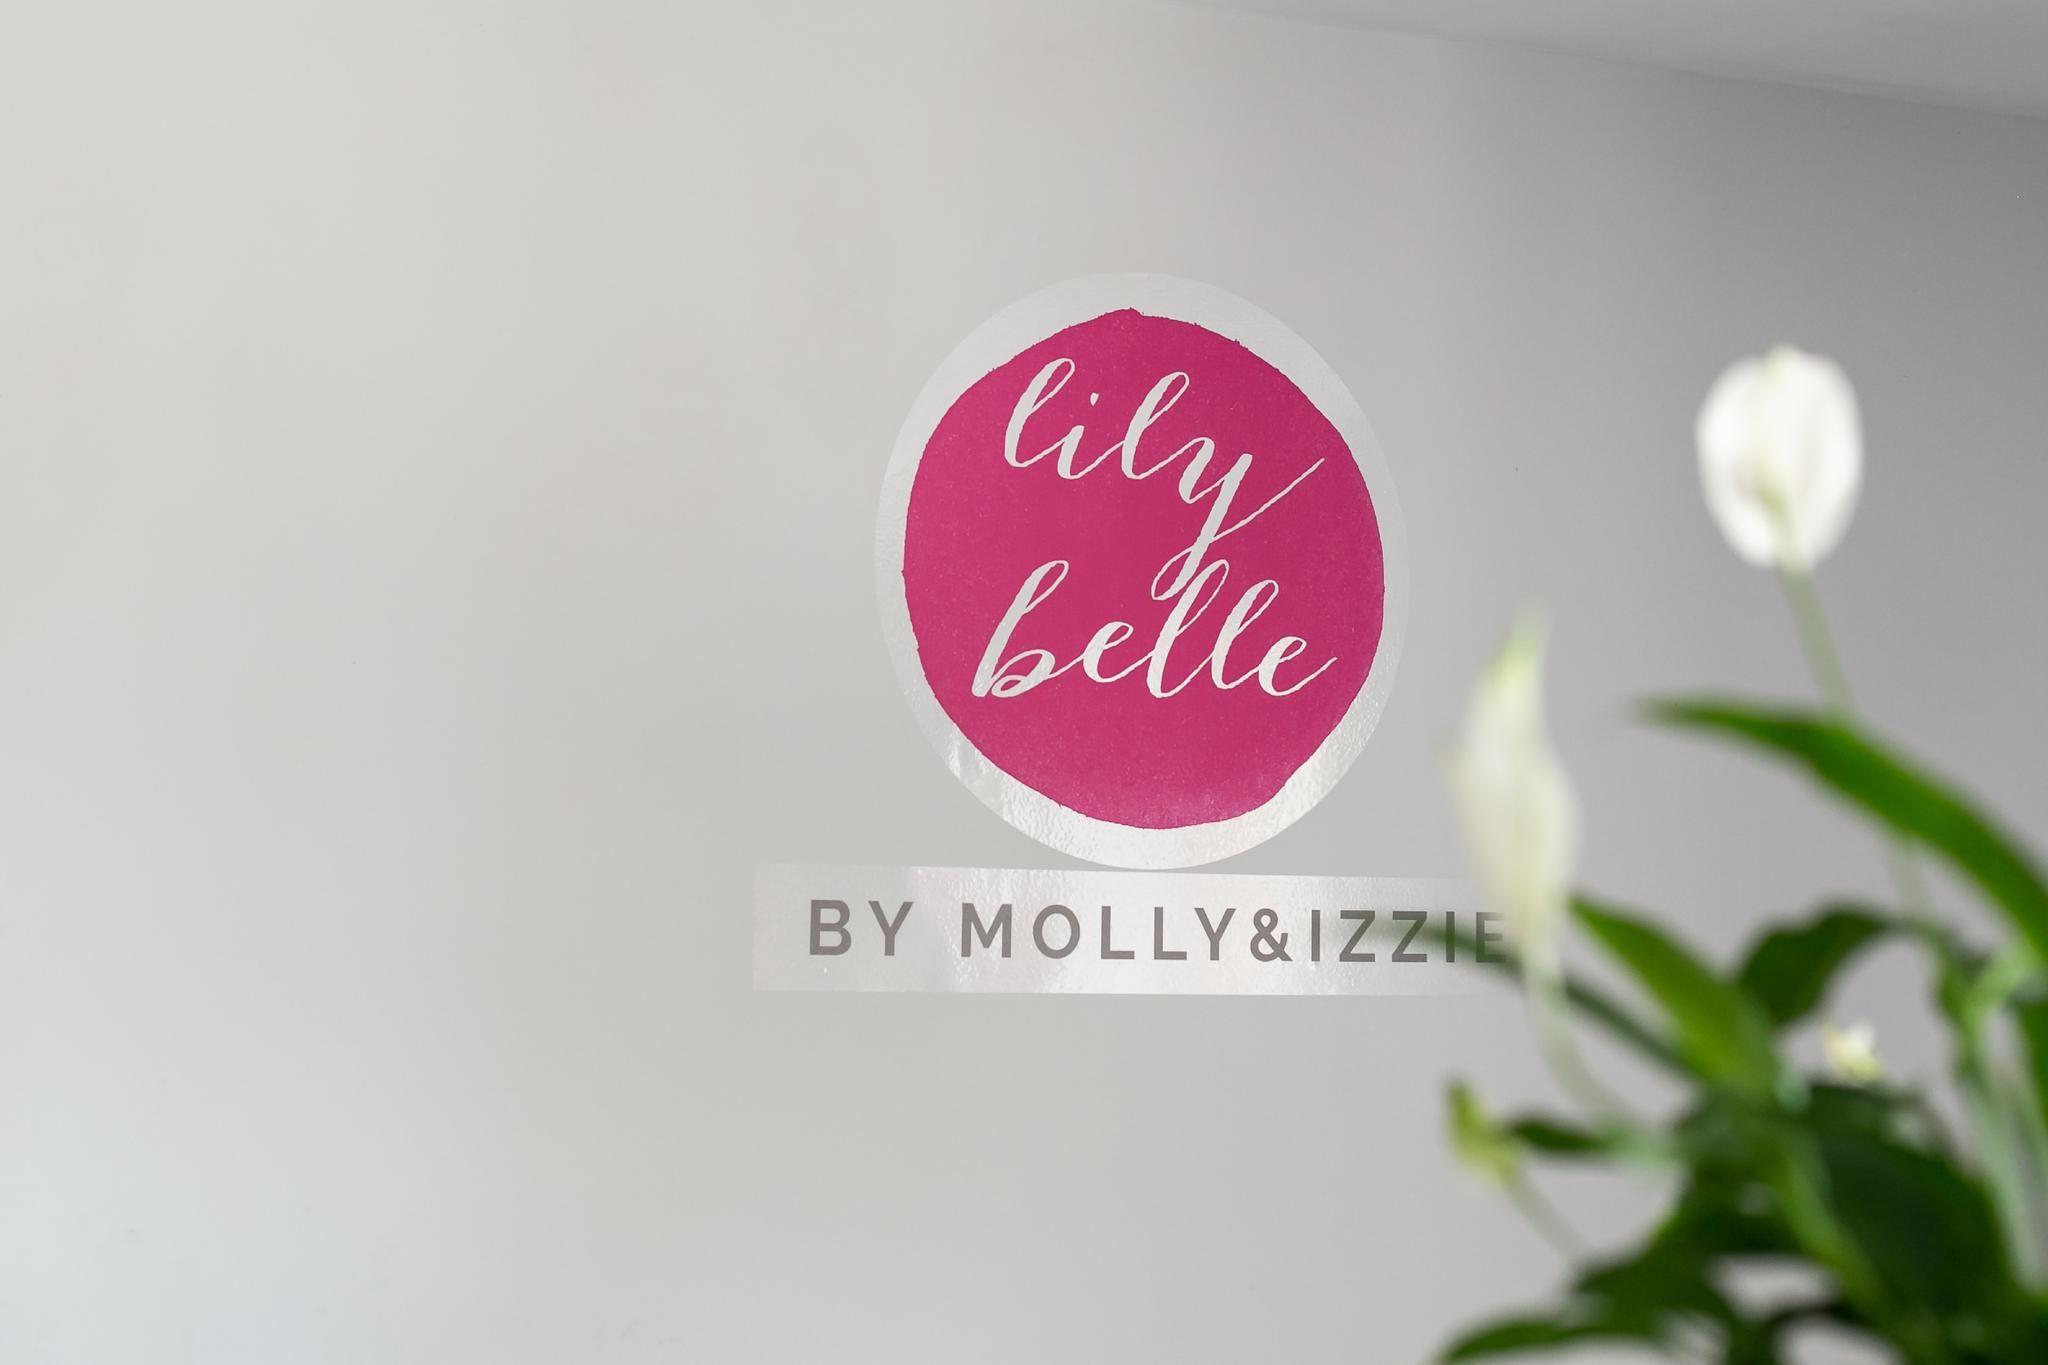 By Molly&Izzie Ltd